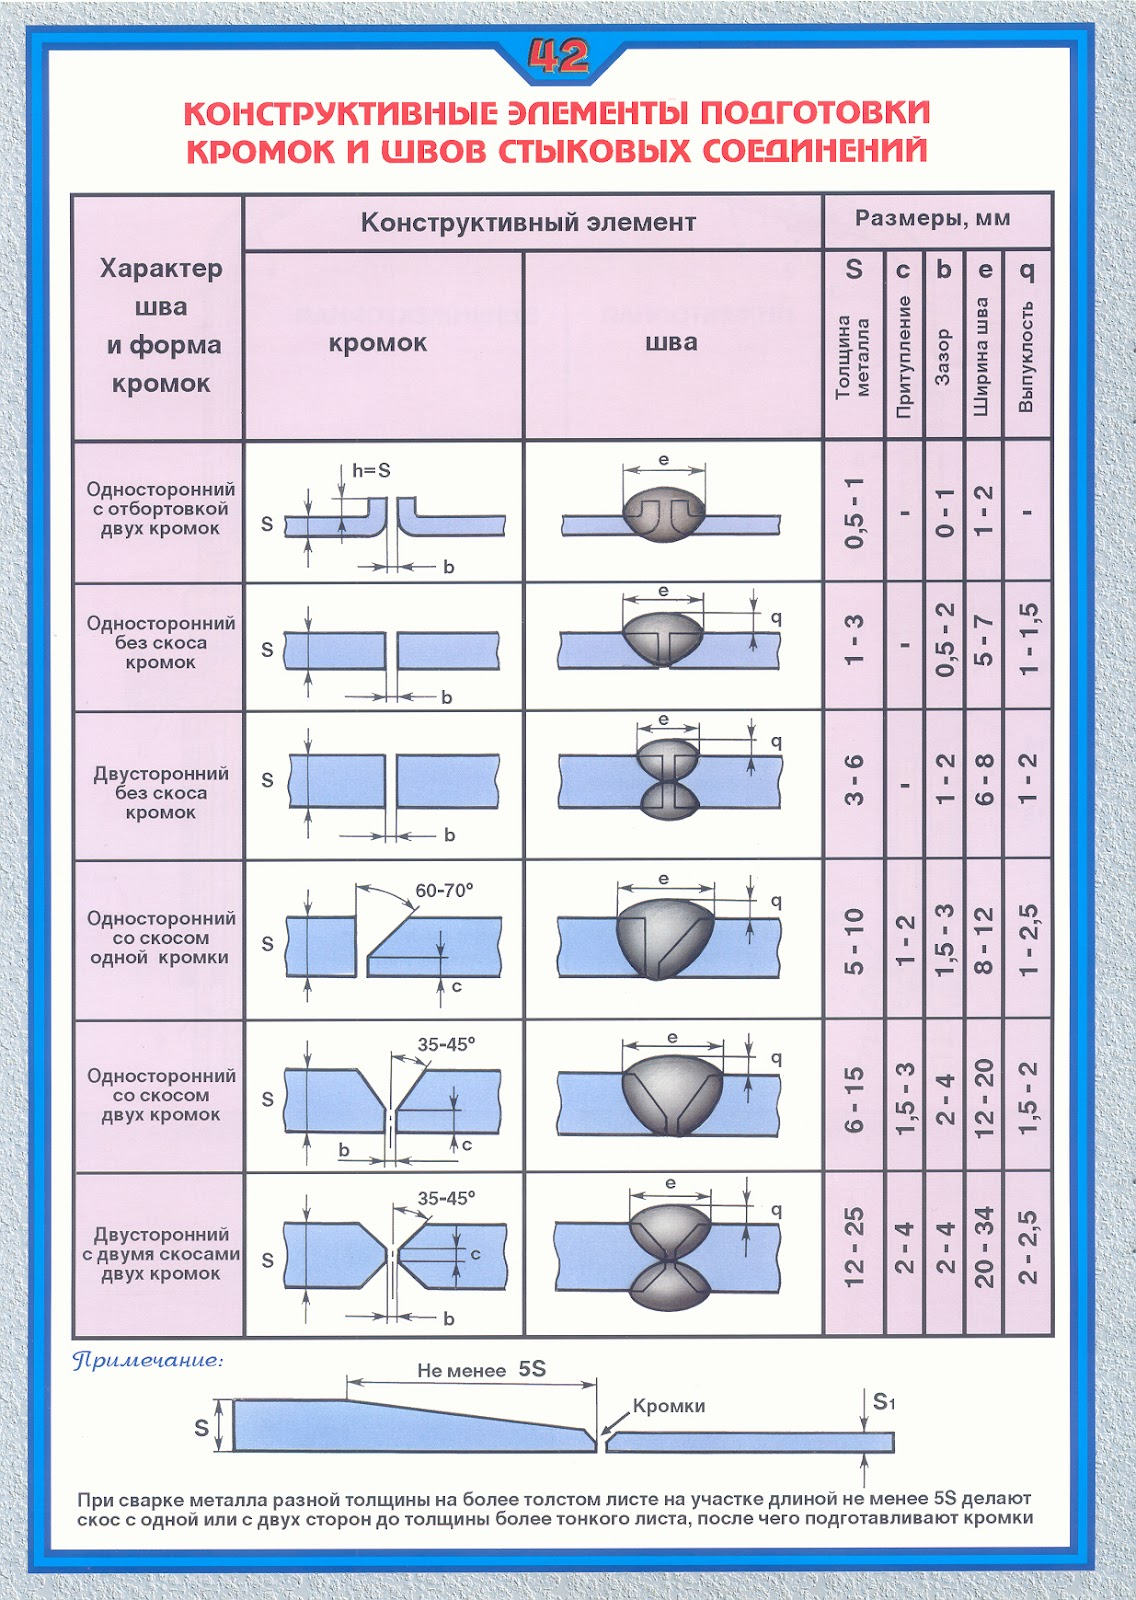 Сварка металлоконструкций   главный механик